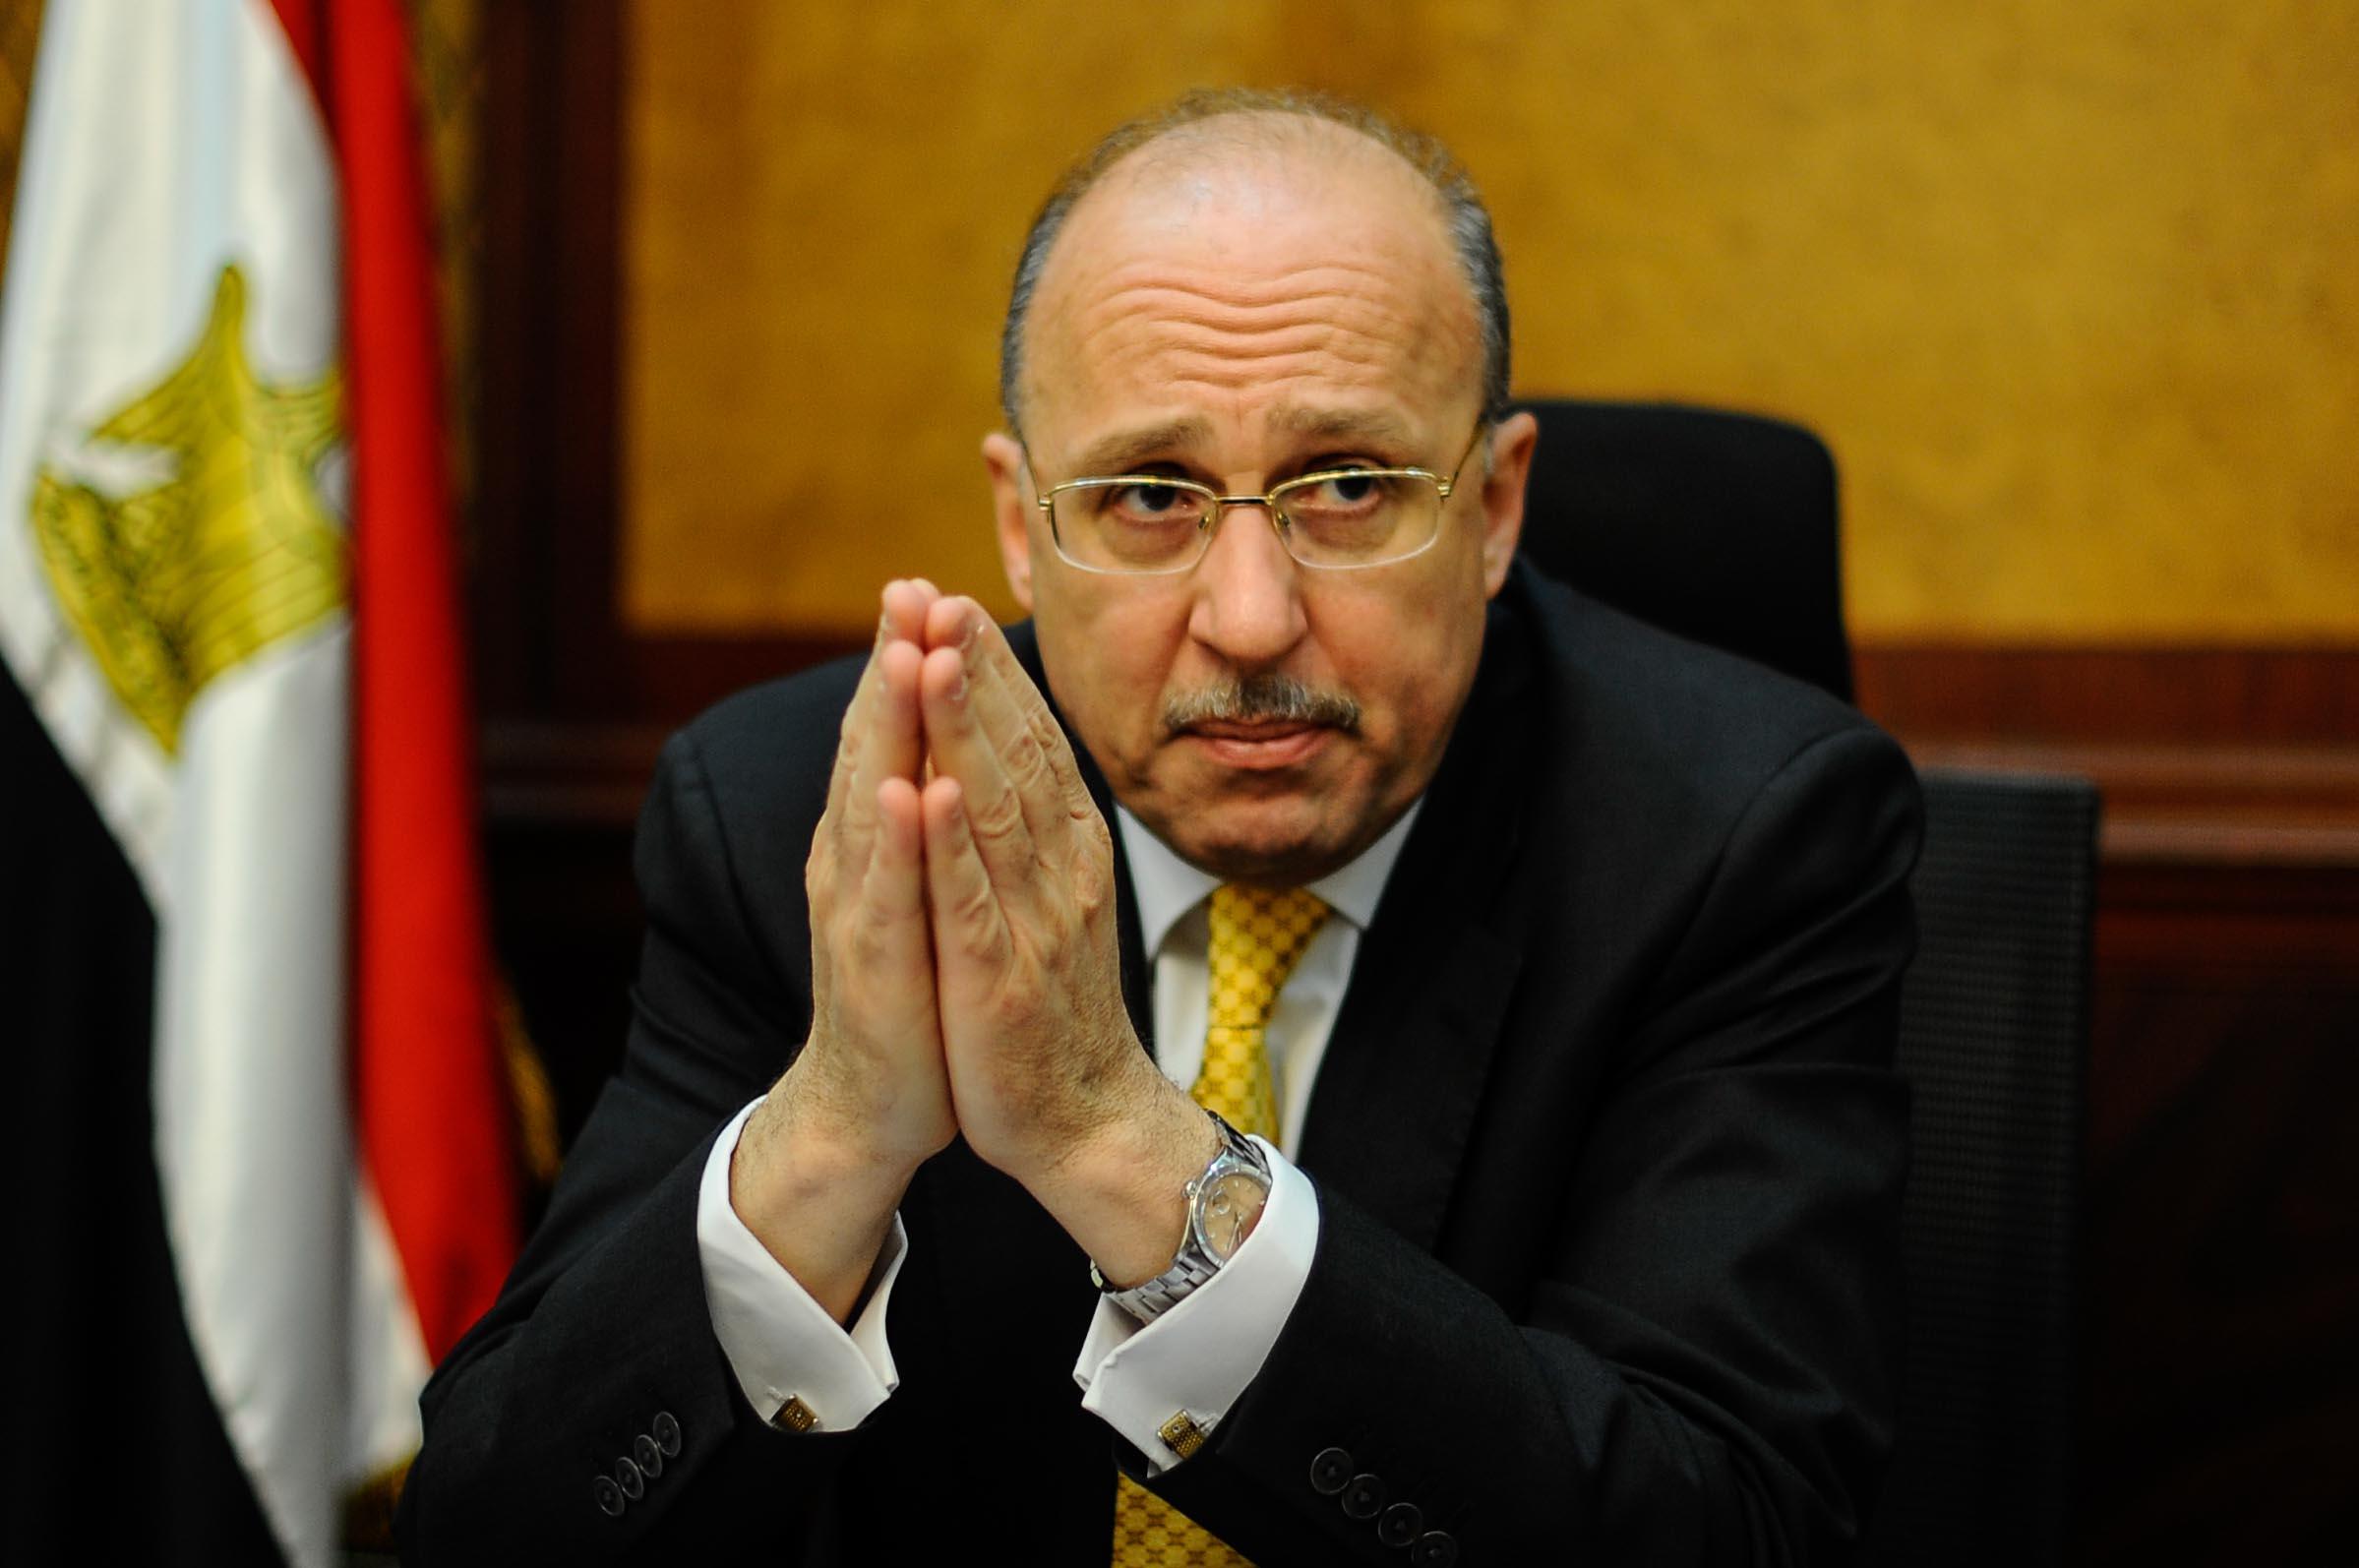 عادل العدوي، وزير الصحة الأسبق